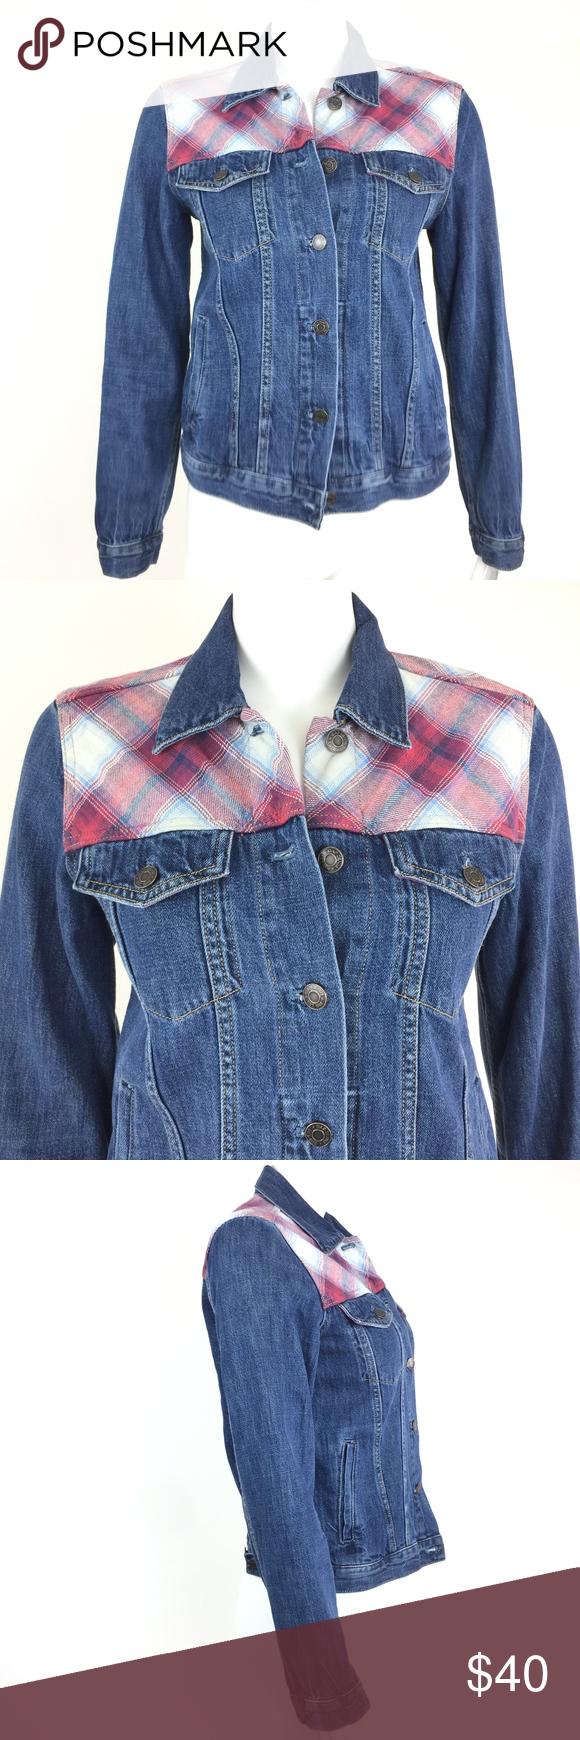 Gap Pendleton Denim Jacket Denim Jacket Jackets Jackets For Women [ 1740 x 580 Pixel ]